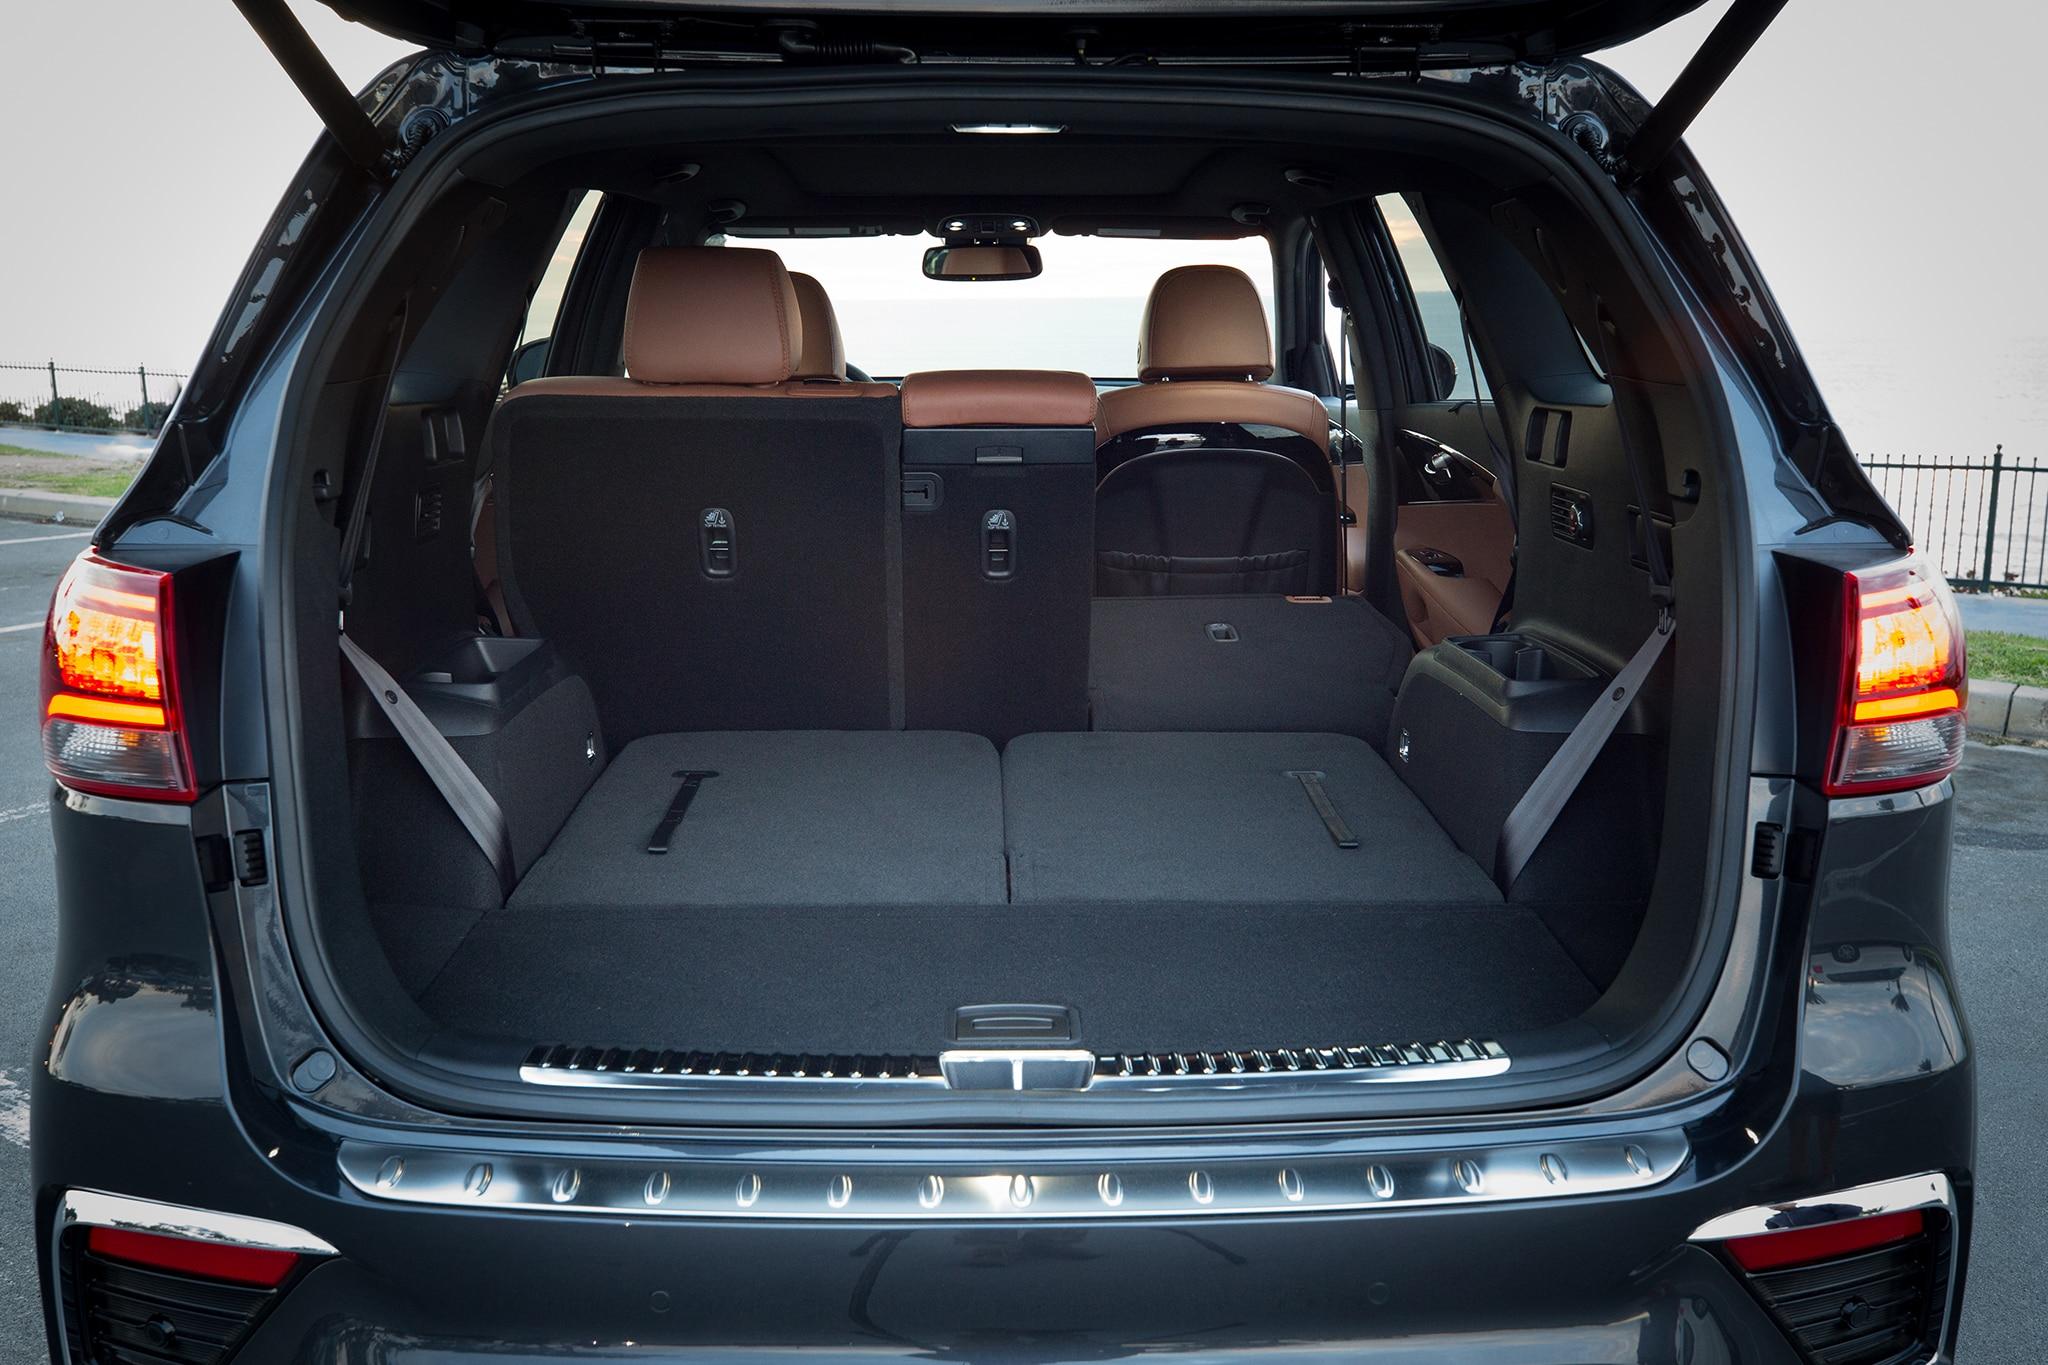 2019 Kia Sorento SXL AWD One Week Review | Automobile Magazine